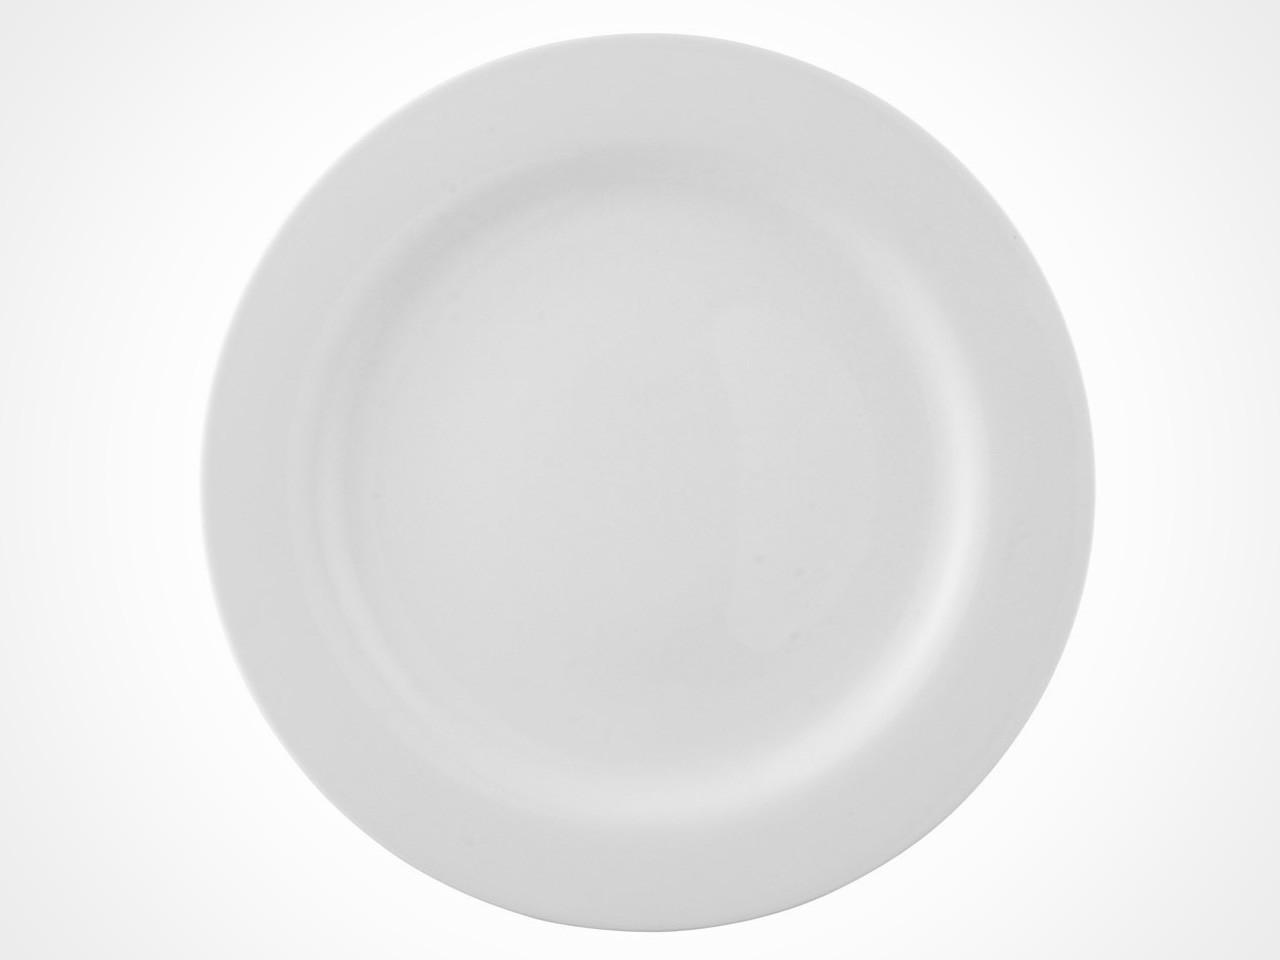 Rosenthal Moon White dinner plate on white background.